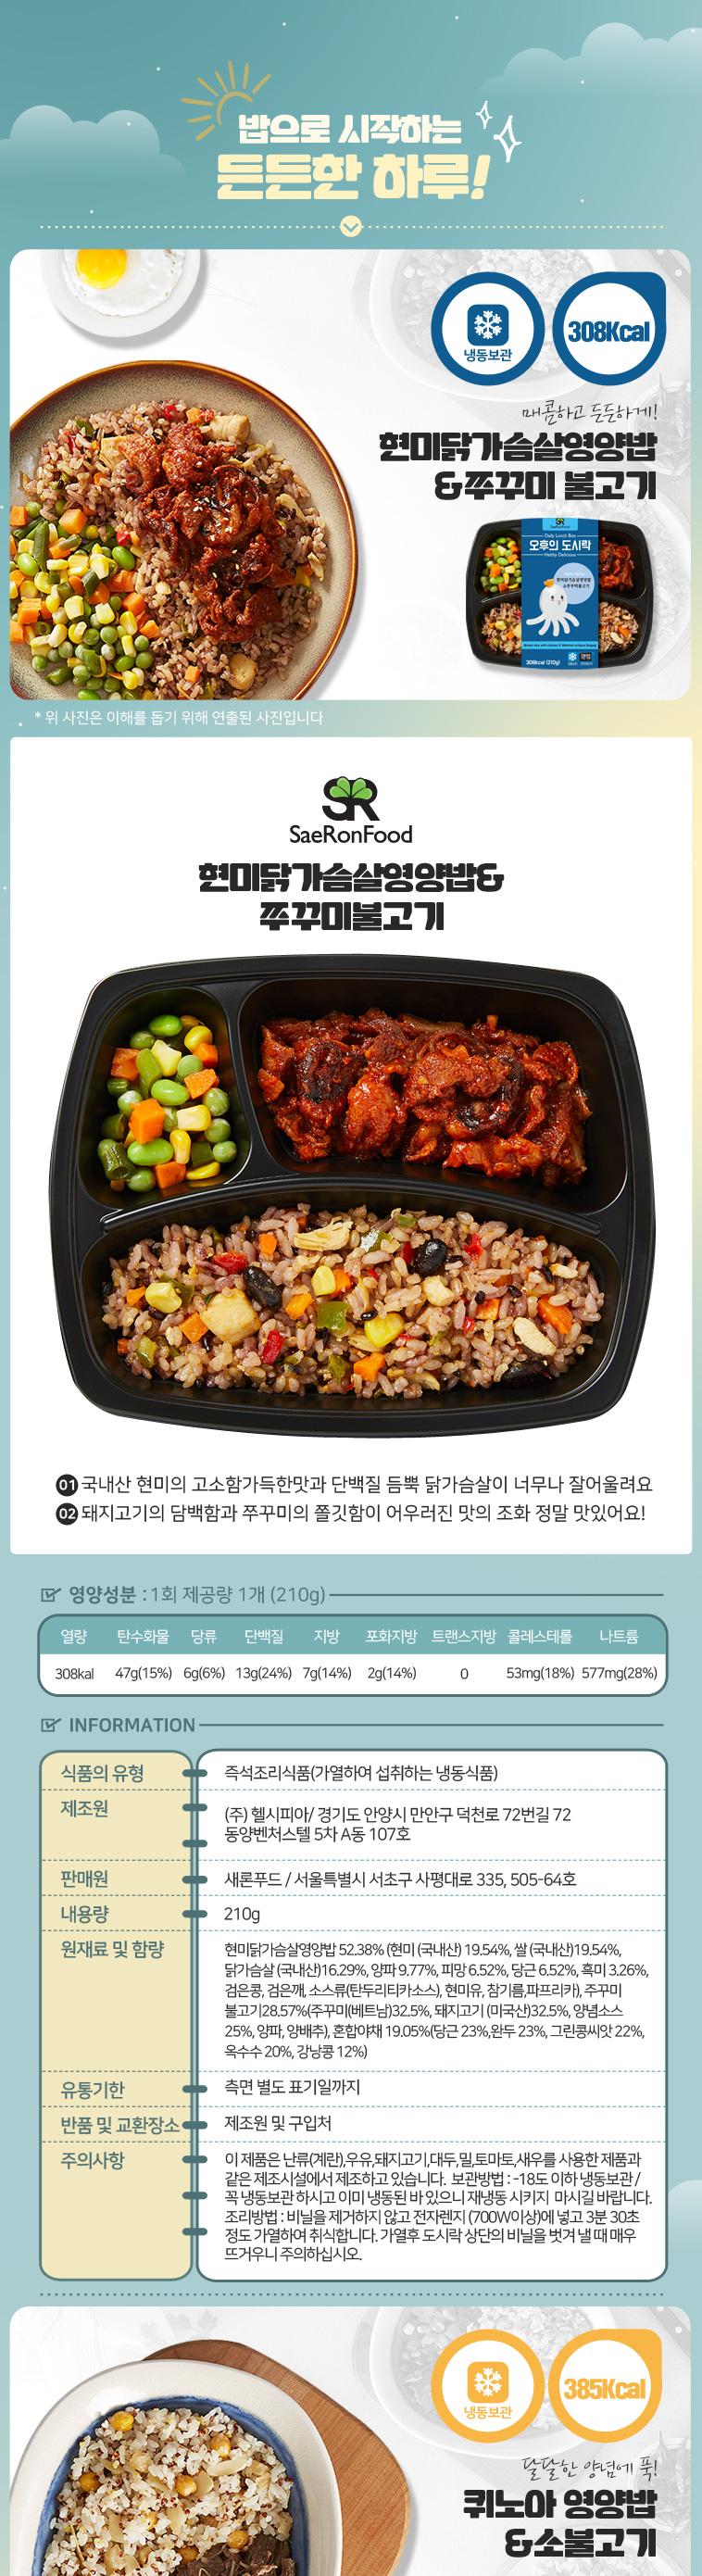 오후의 도시락 일주일 다이어트 식단관리 도시락 6종 6팩 - 오후의 도시락, 31,900원, 보조식품, 다이어트식품